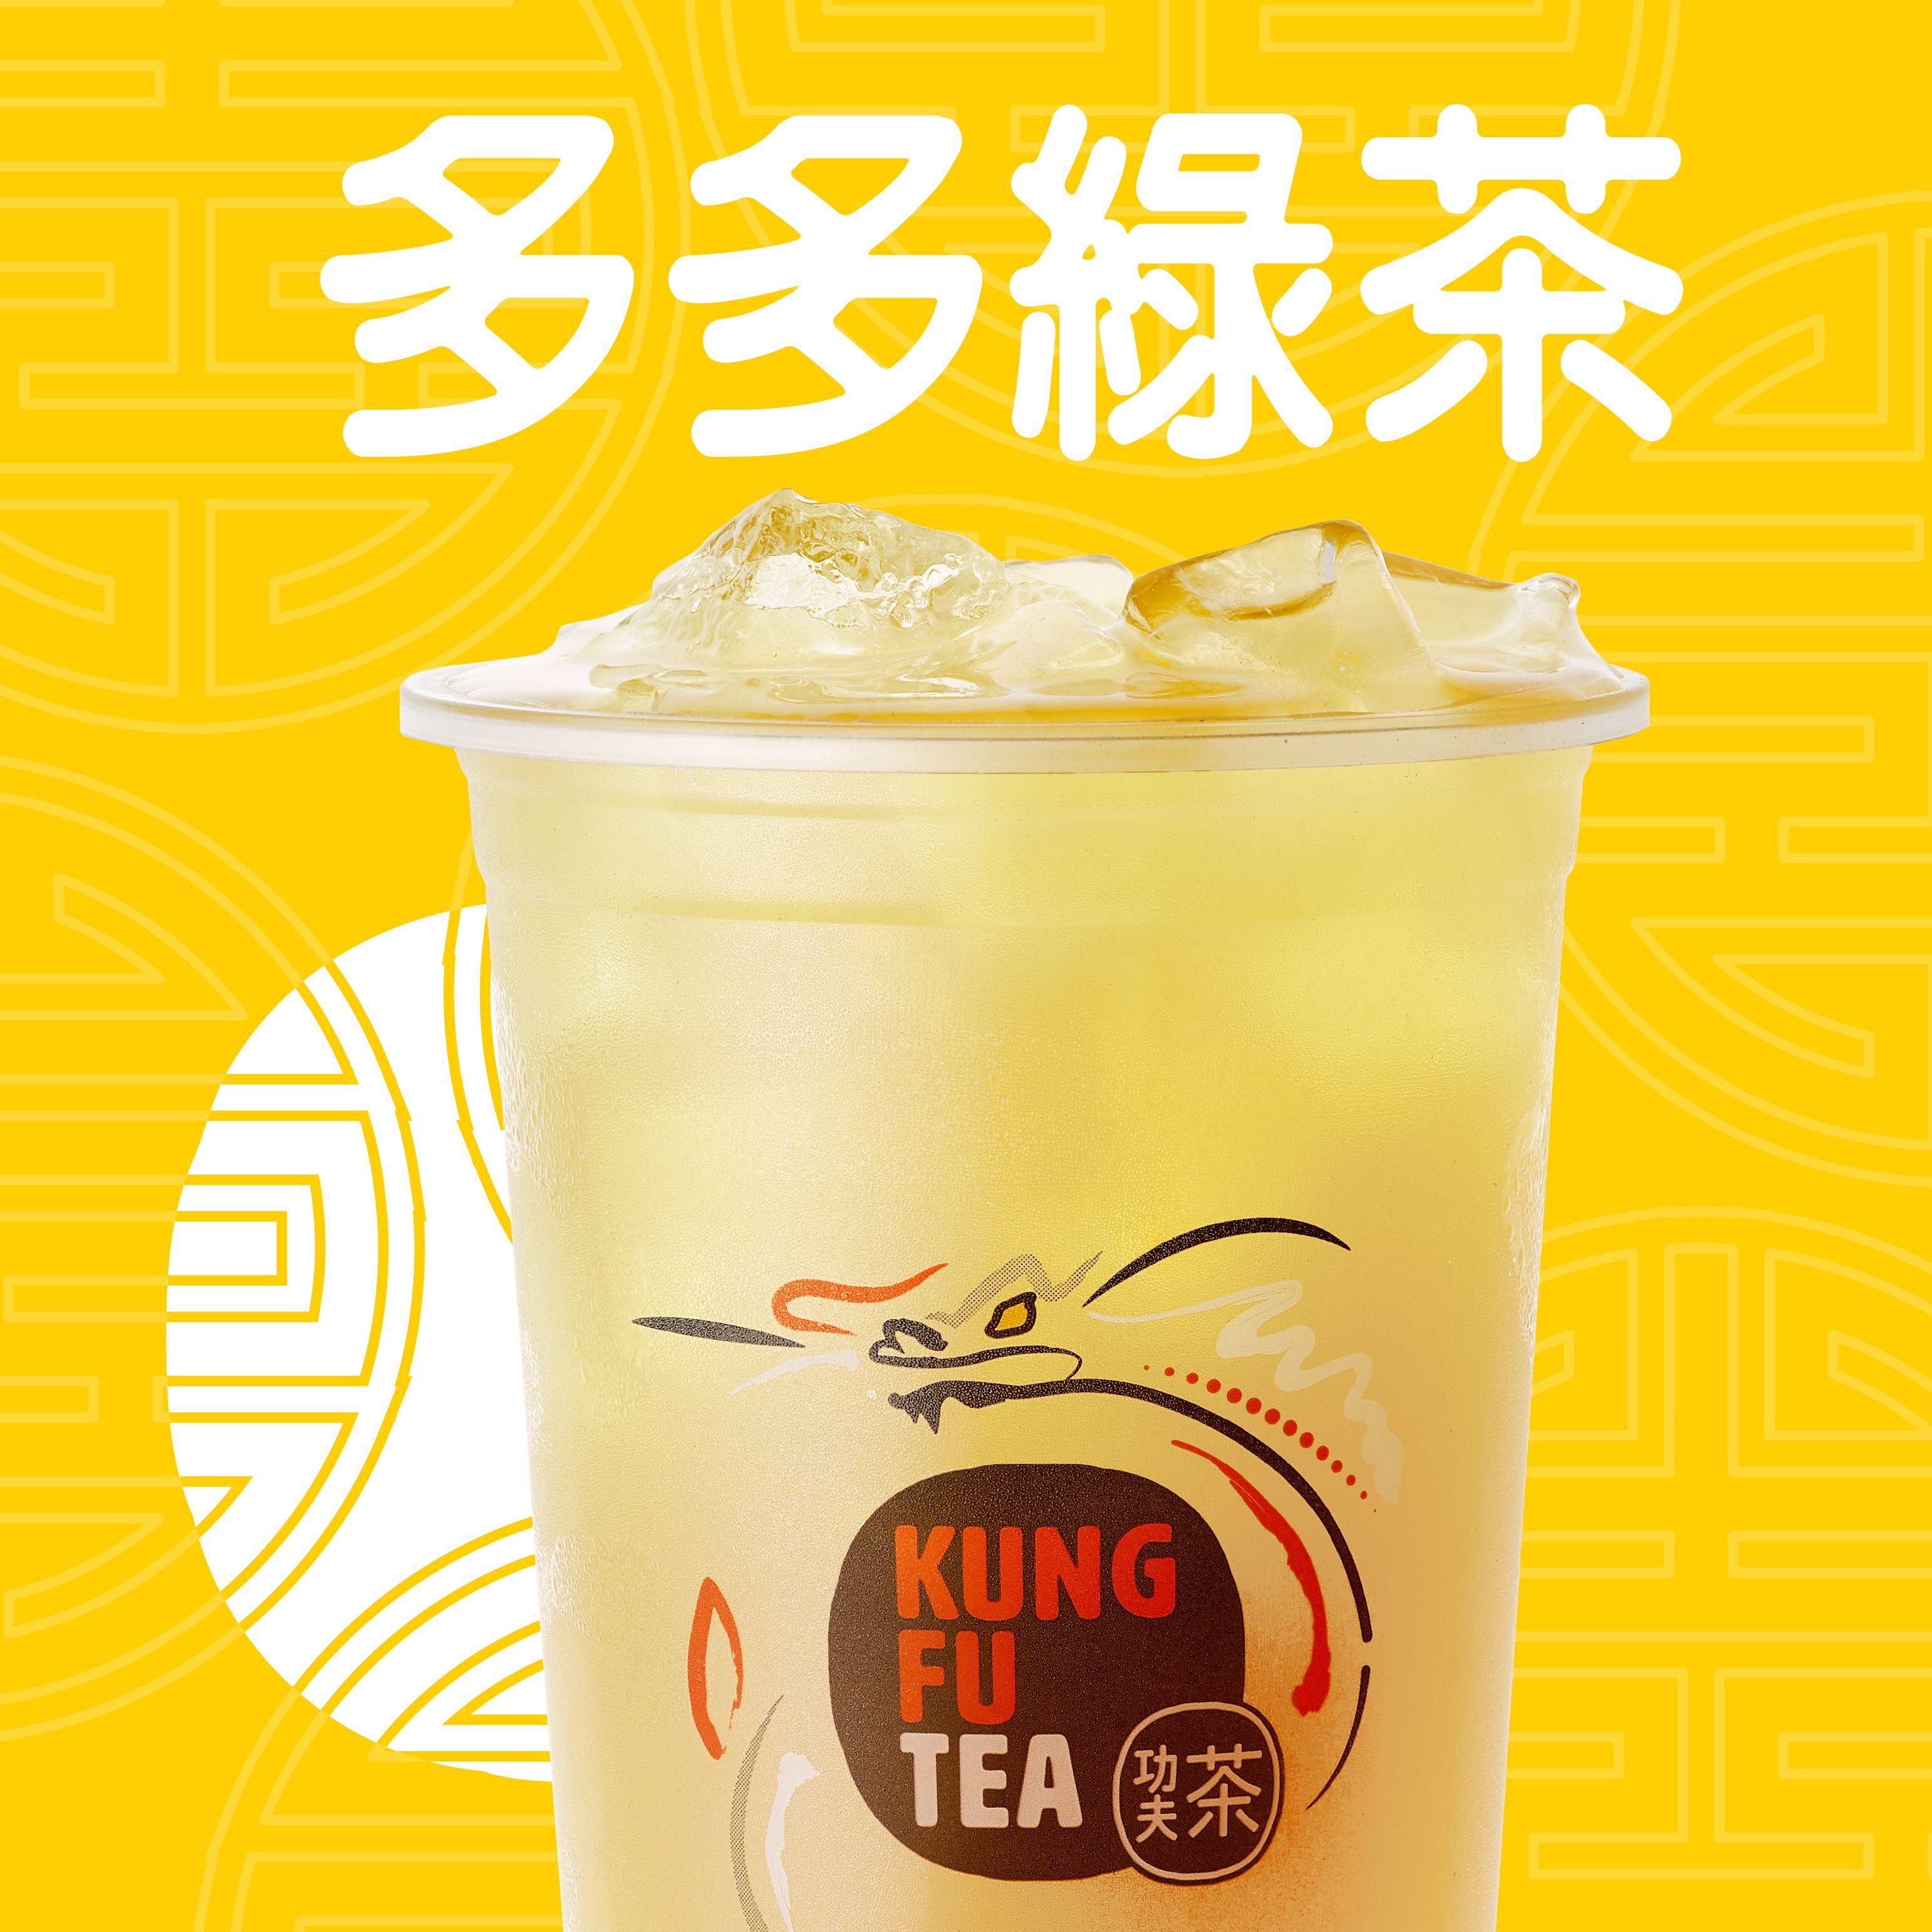 多多綠茶(L)(冷)★電子票券★即買即用★手搖飲品【美國功夫茶】(限定門市使用)